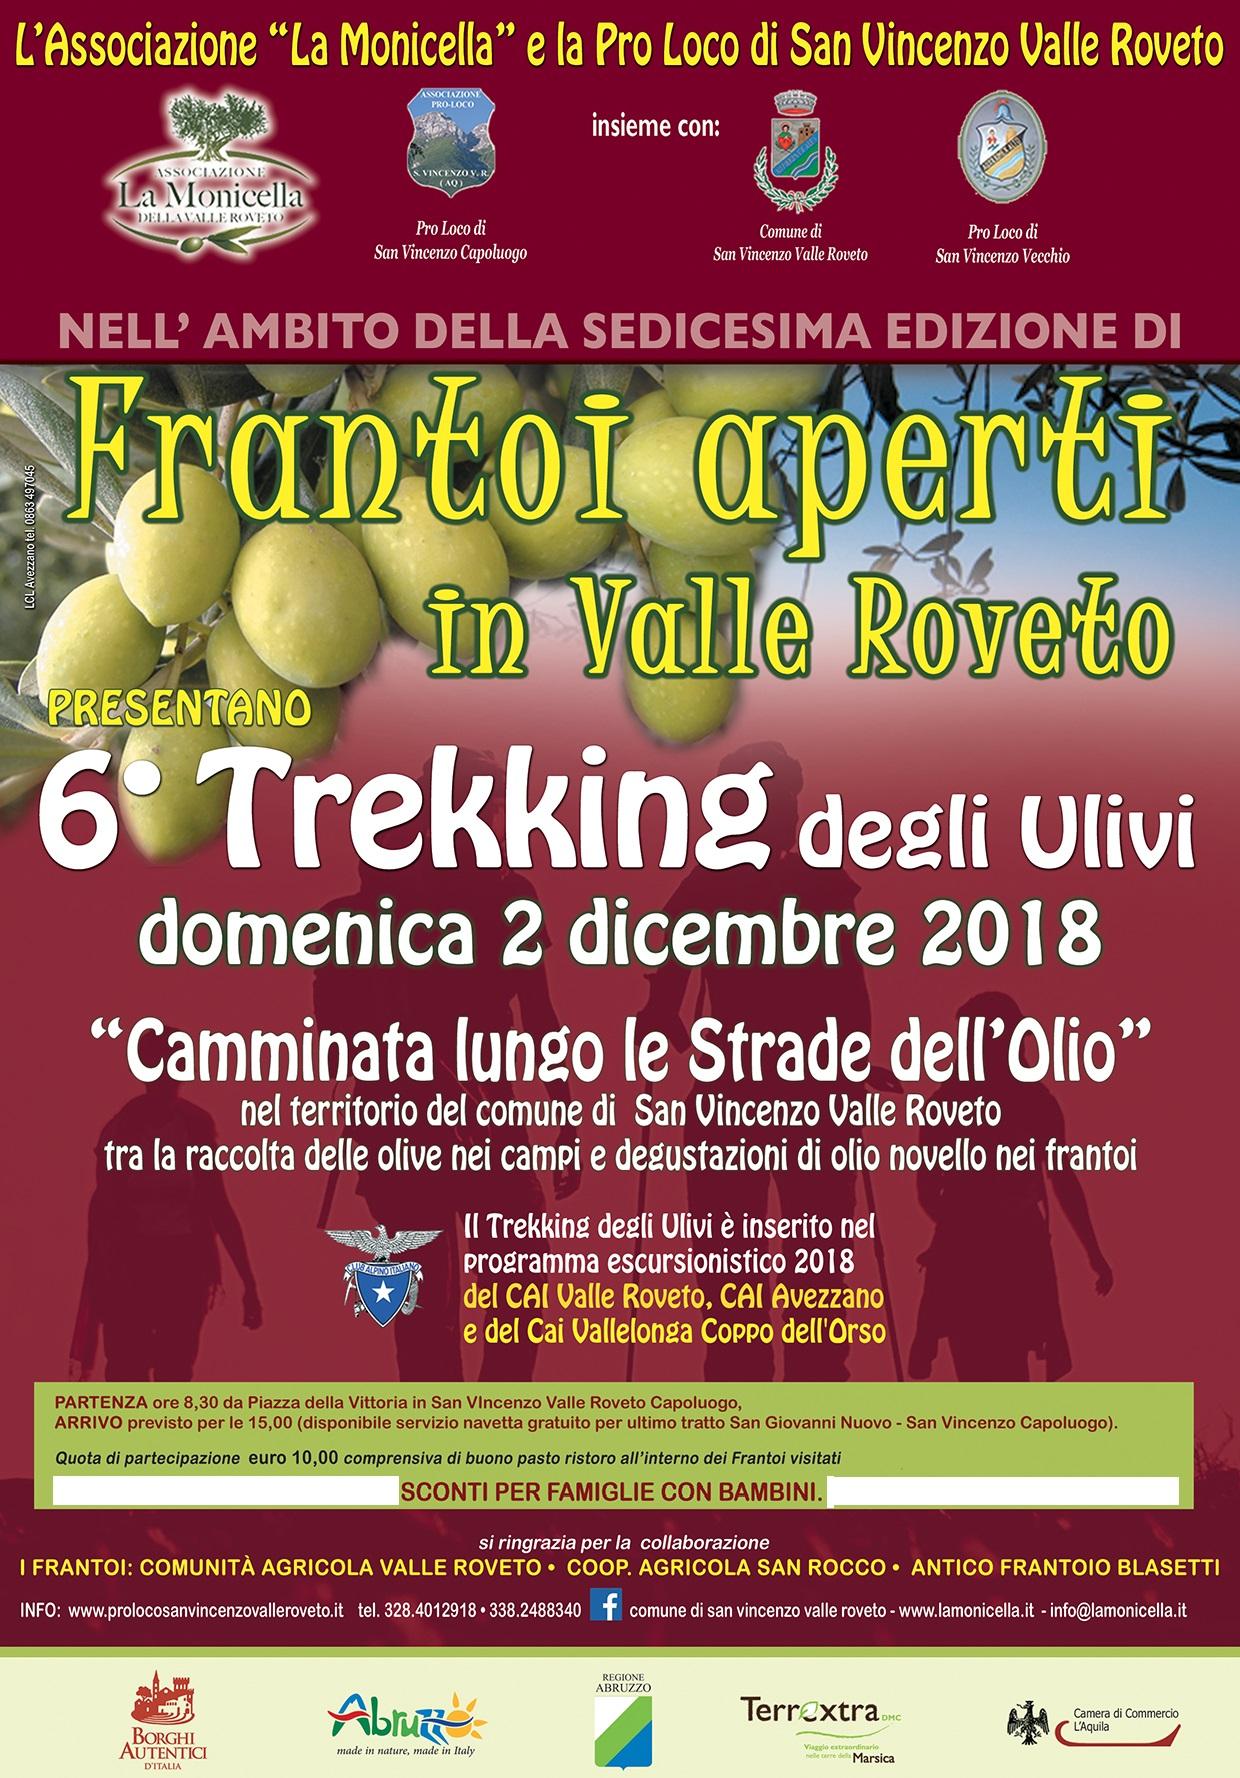 Frantoi Aperti in Valle Roveto, con il 6° Trekking degli Ulivi.